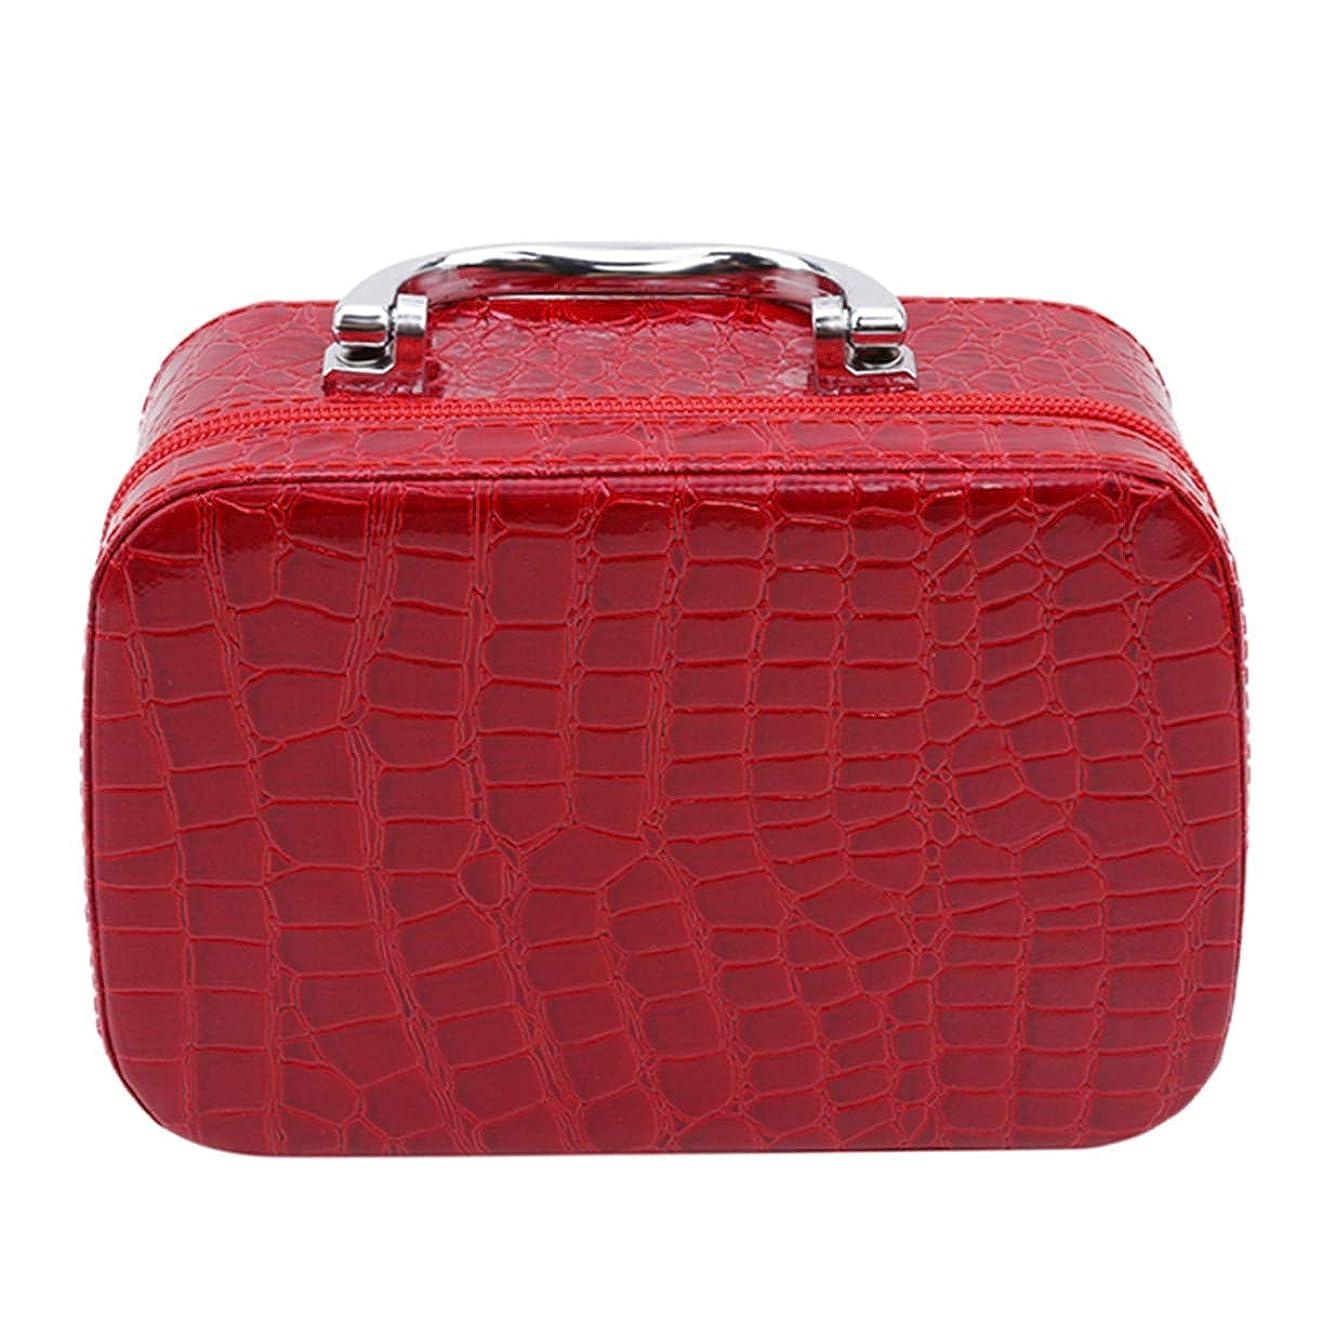 失望いとこスキャン1st market ミラーが付いている優れた旅行携帯用化粧品袋のオルガナイザーの女性の化粧品の箱